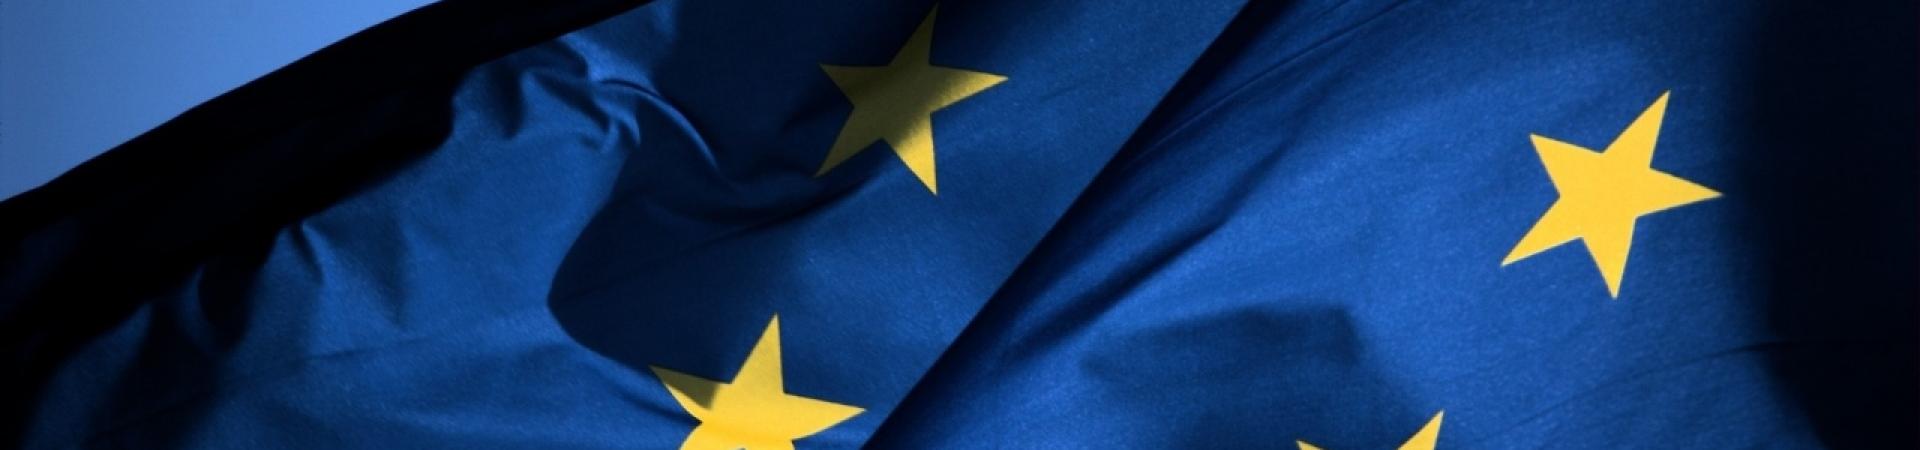 Підтримка бізнесу в Європі та Україні